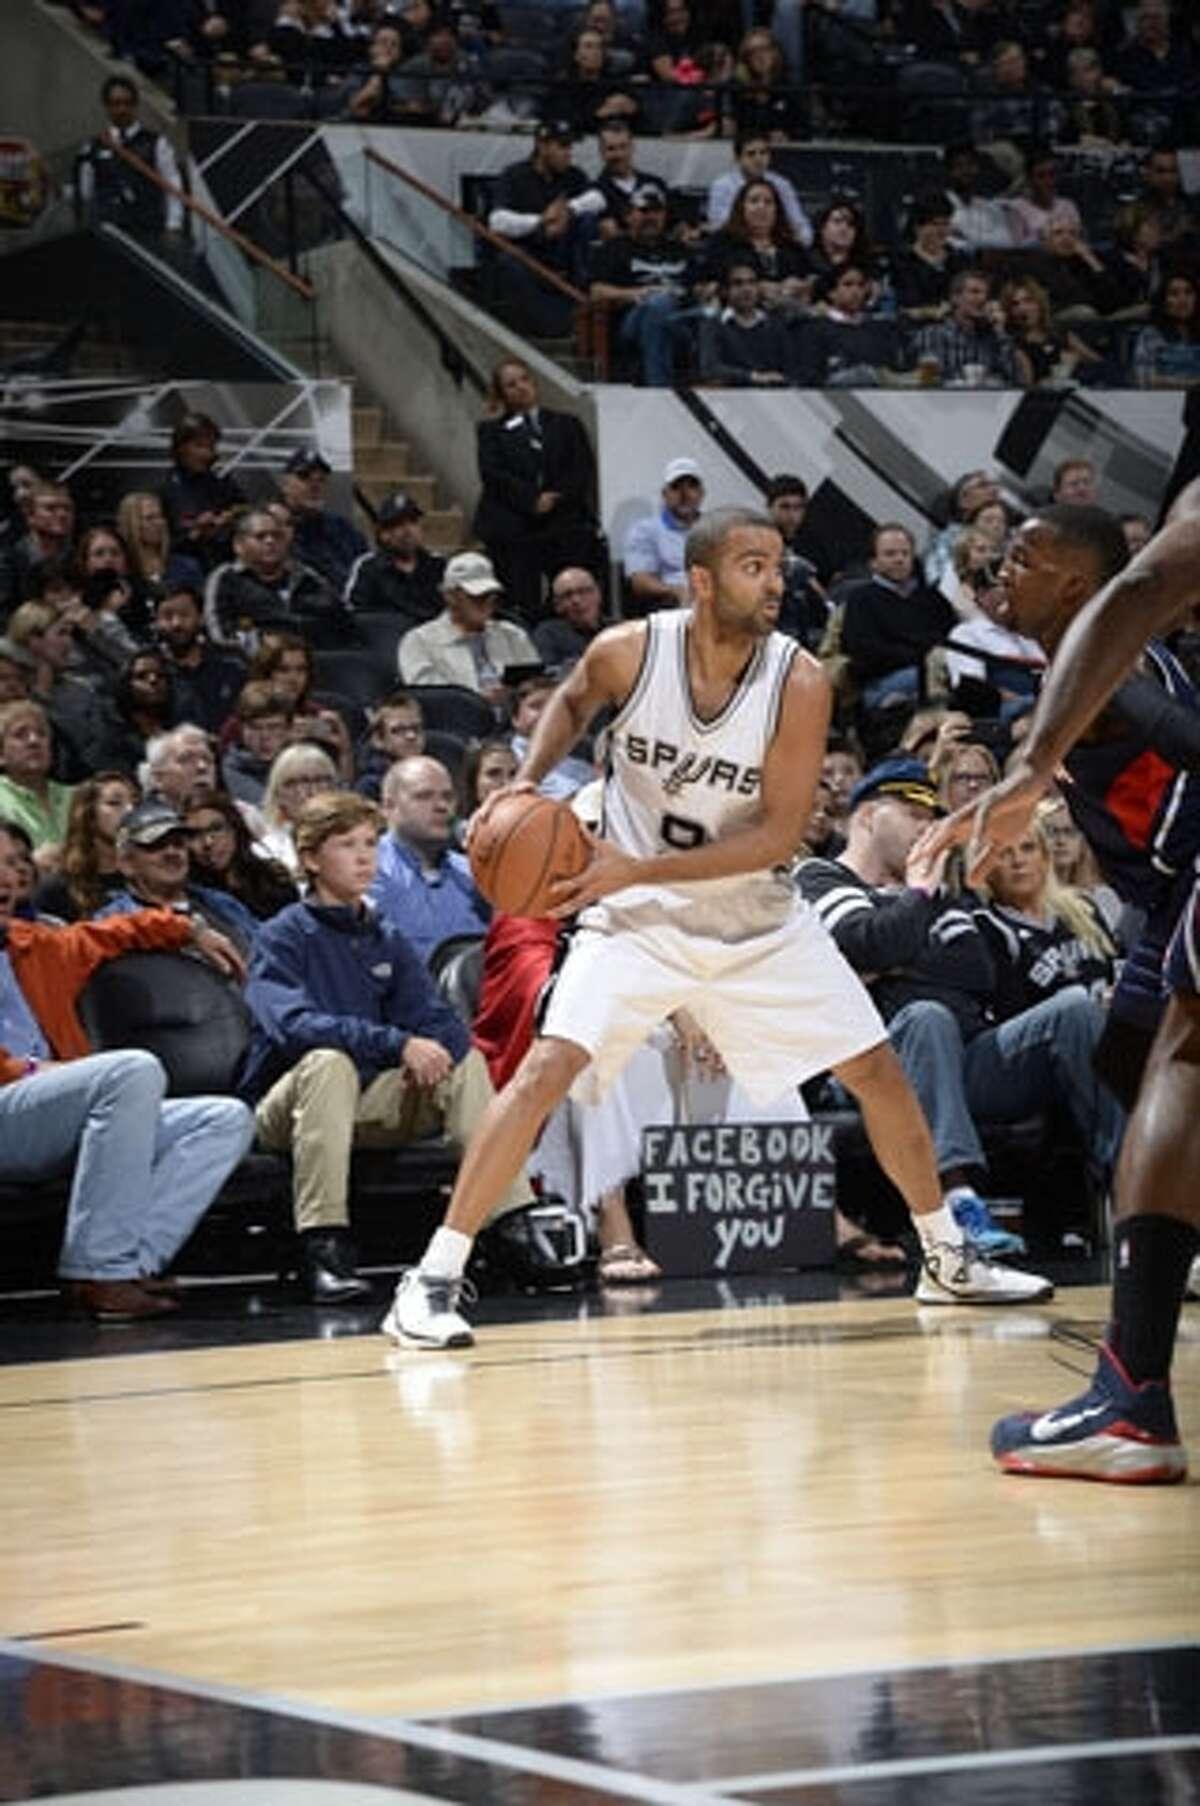 """Spurs Jesus holds his """"Facebook I forgive you sign"""" courtside. Courtesy, Spurs Jesus"""